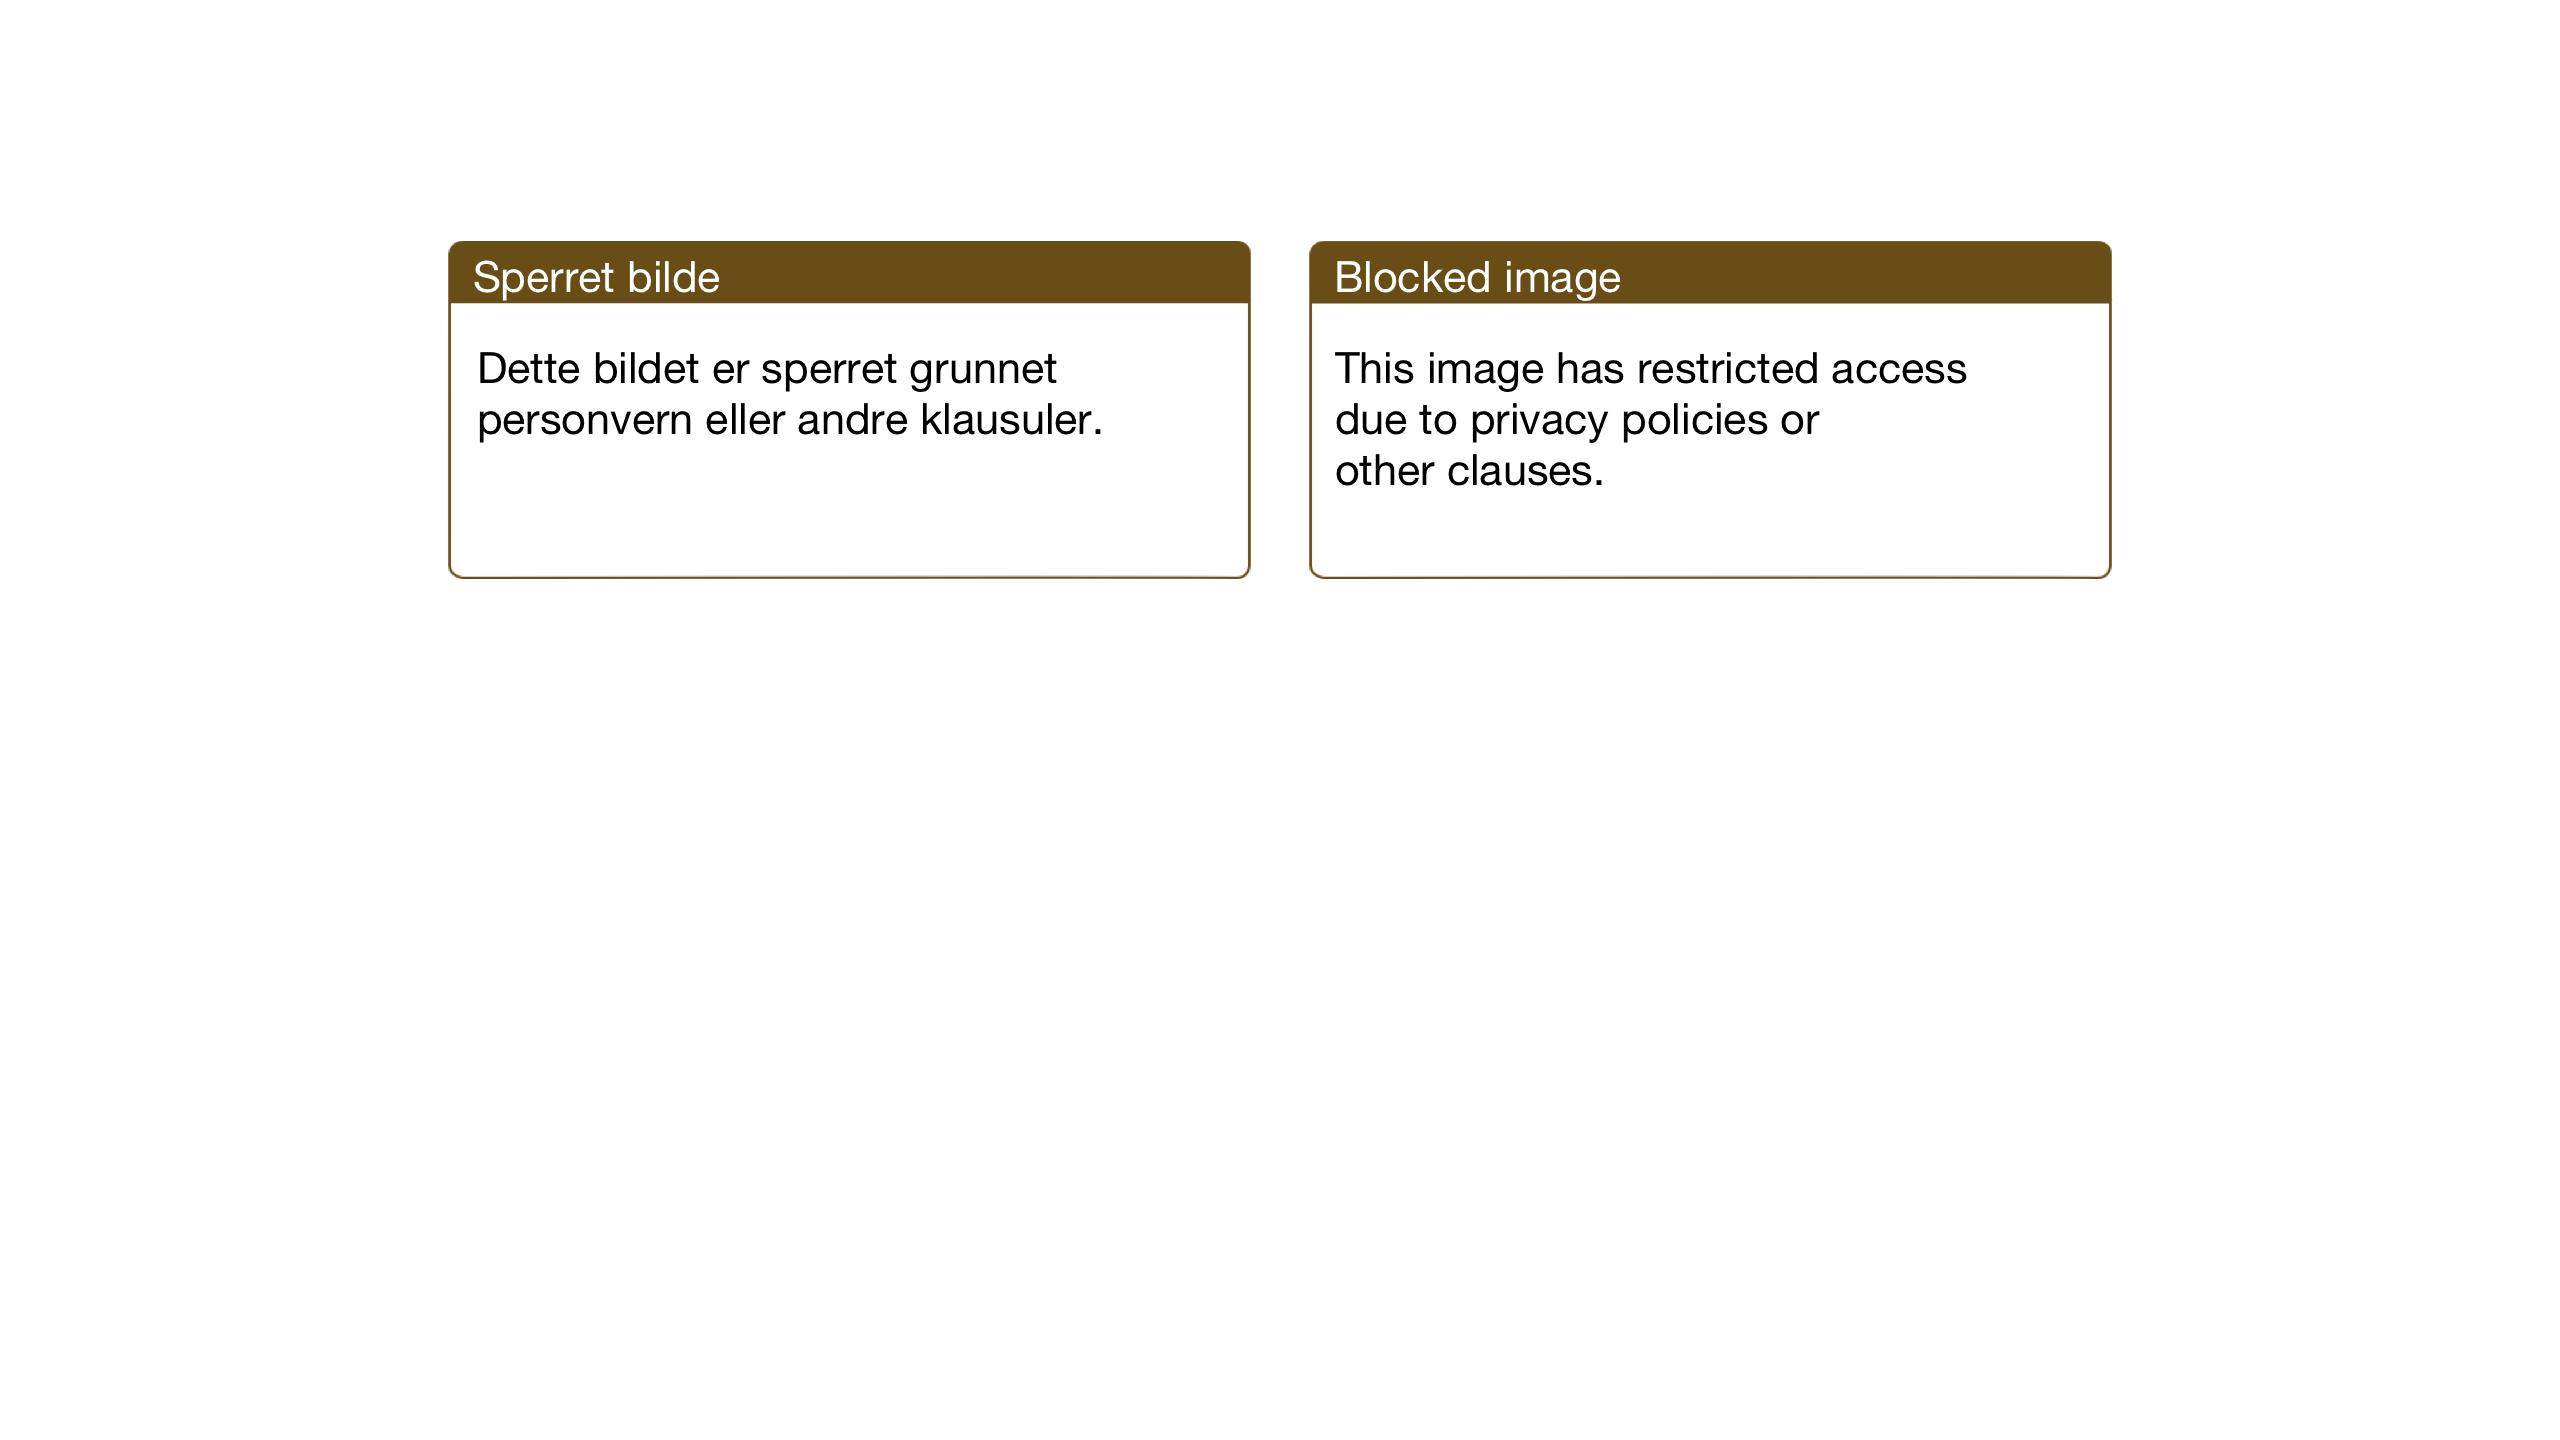 SAT, Ministerialprotokoller, klokkerbøker og fødselsregistre - Nord-Trøndelag, 733/L0328: Klokkerbok nr. 733C03, 1919-1966, s. 15